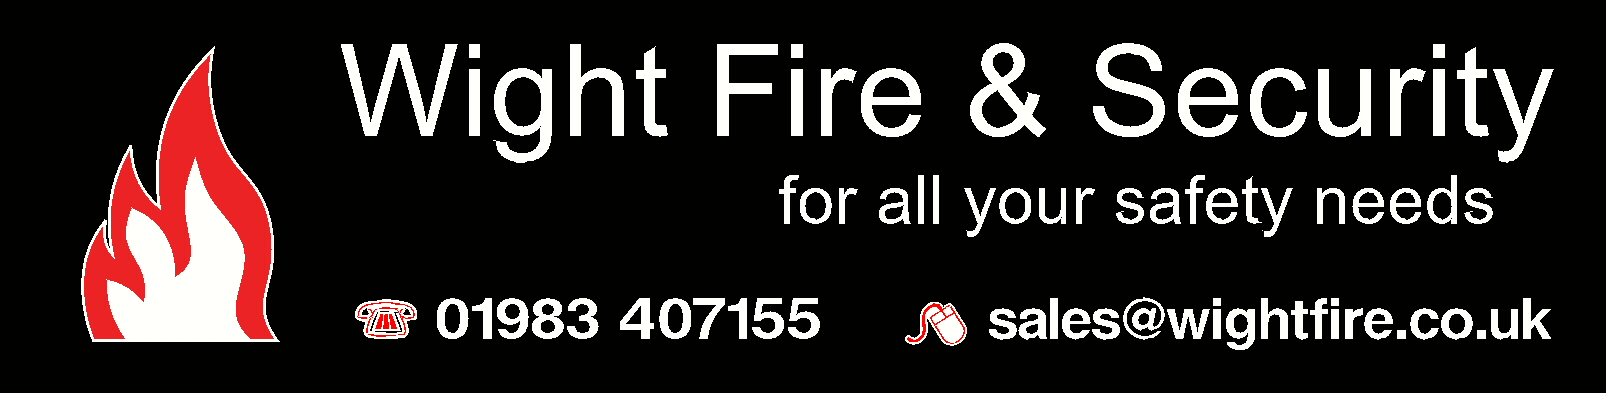 Wight Fire